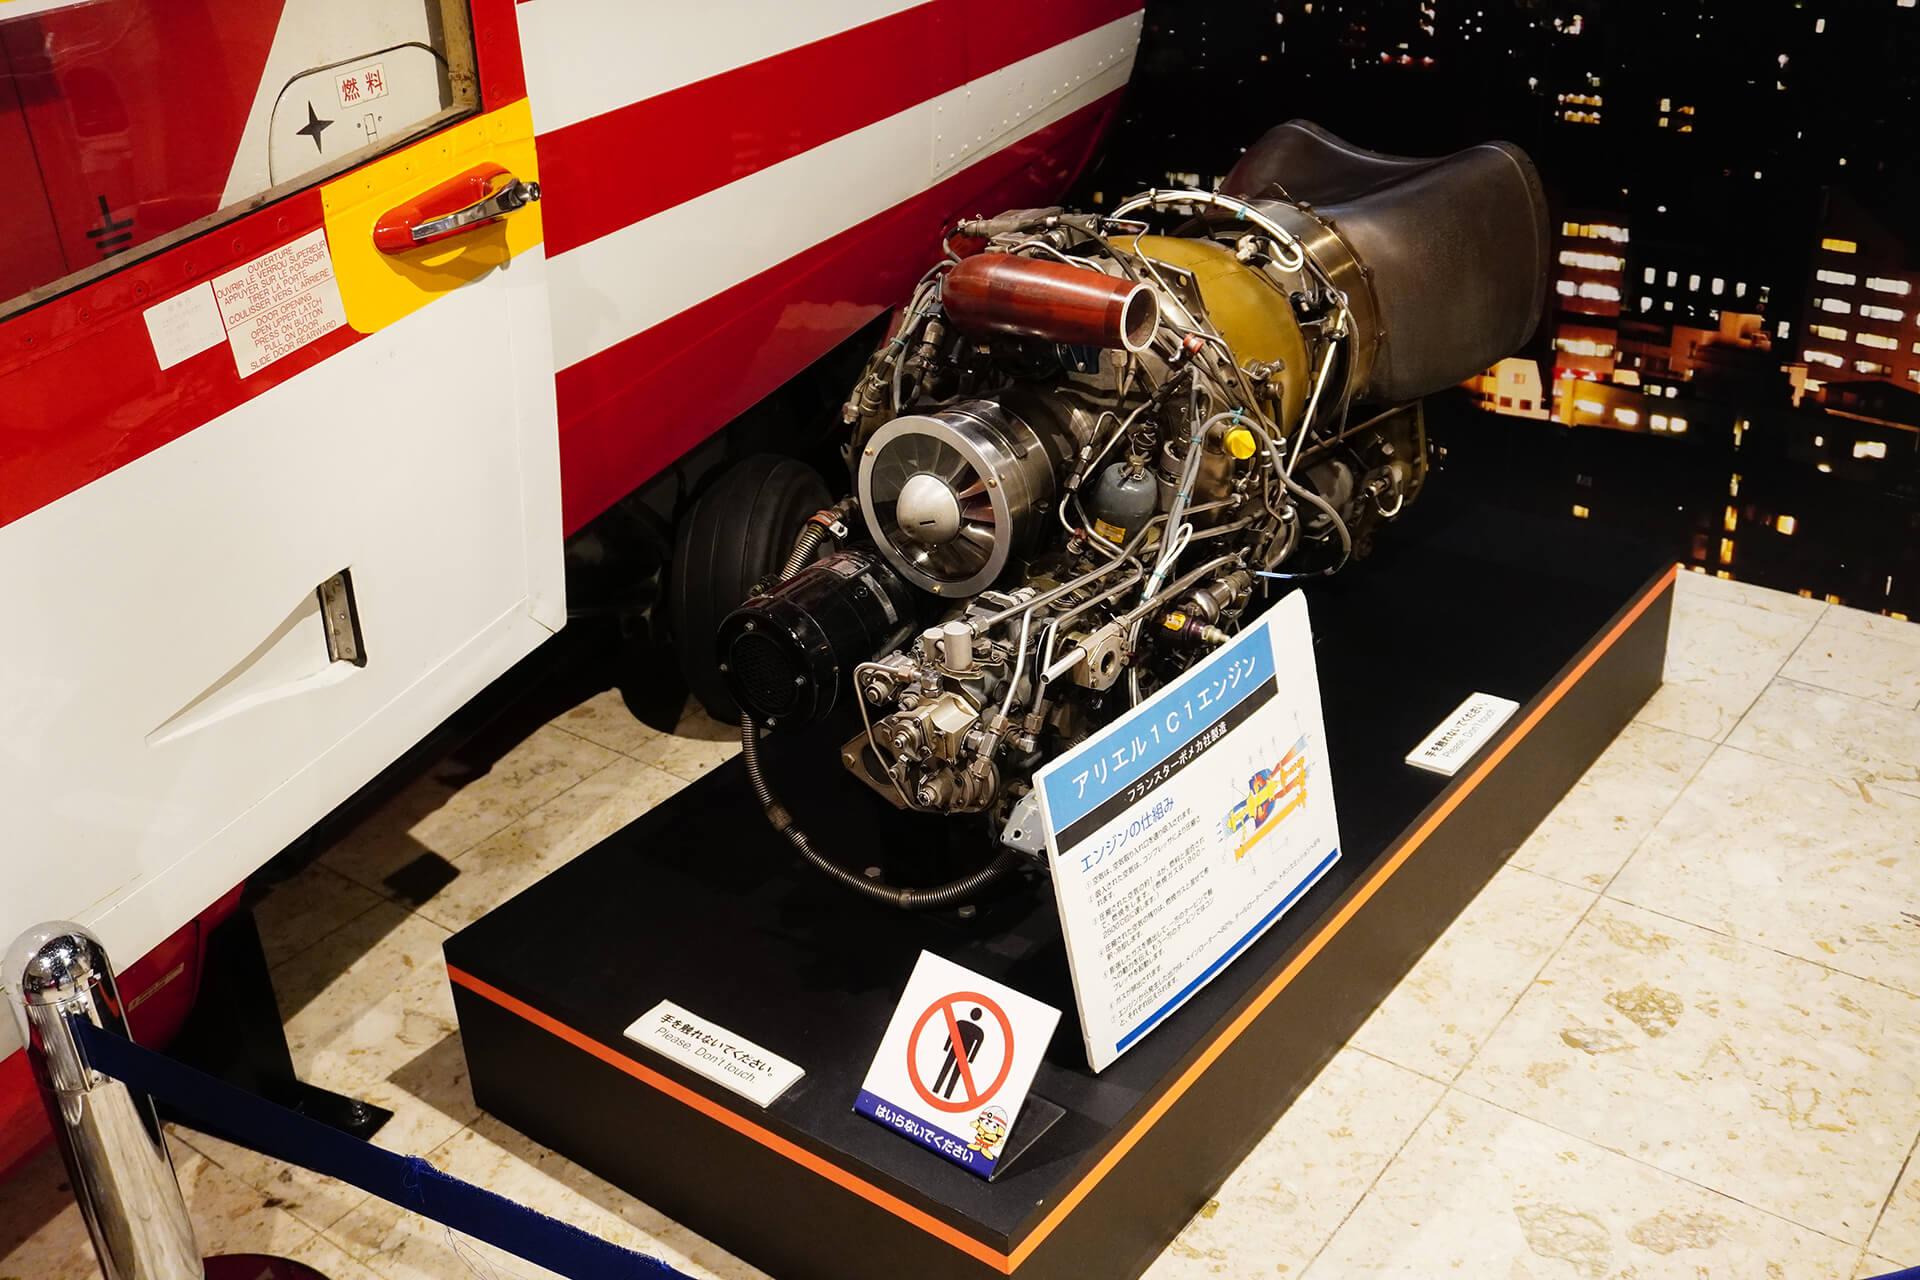 この写真は消防博物館にあるヘリコプターのエンジン